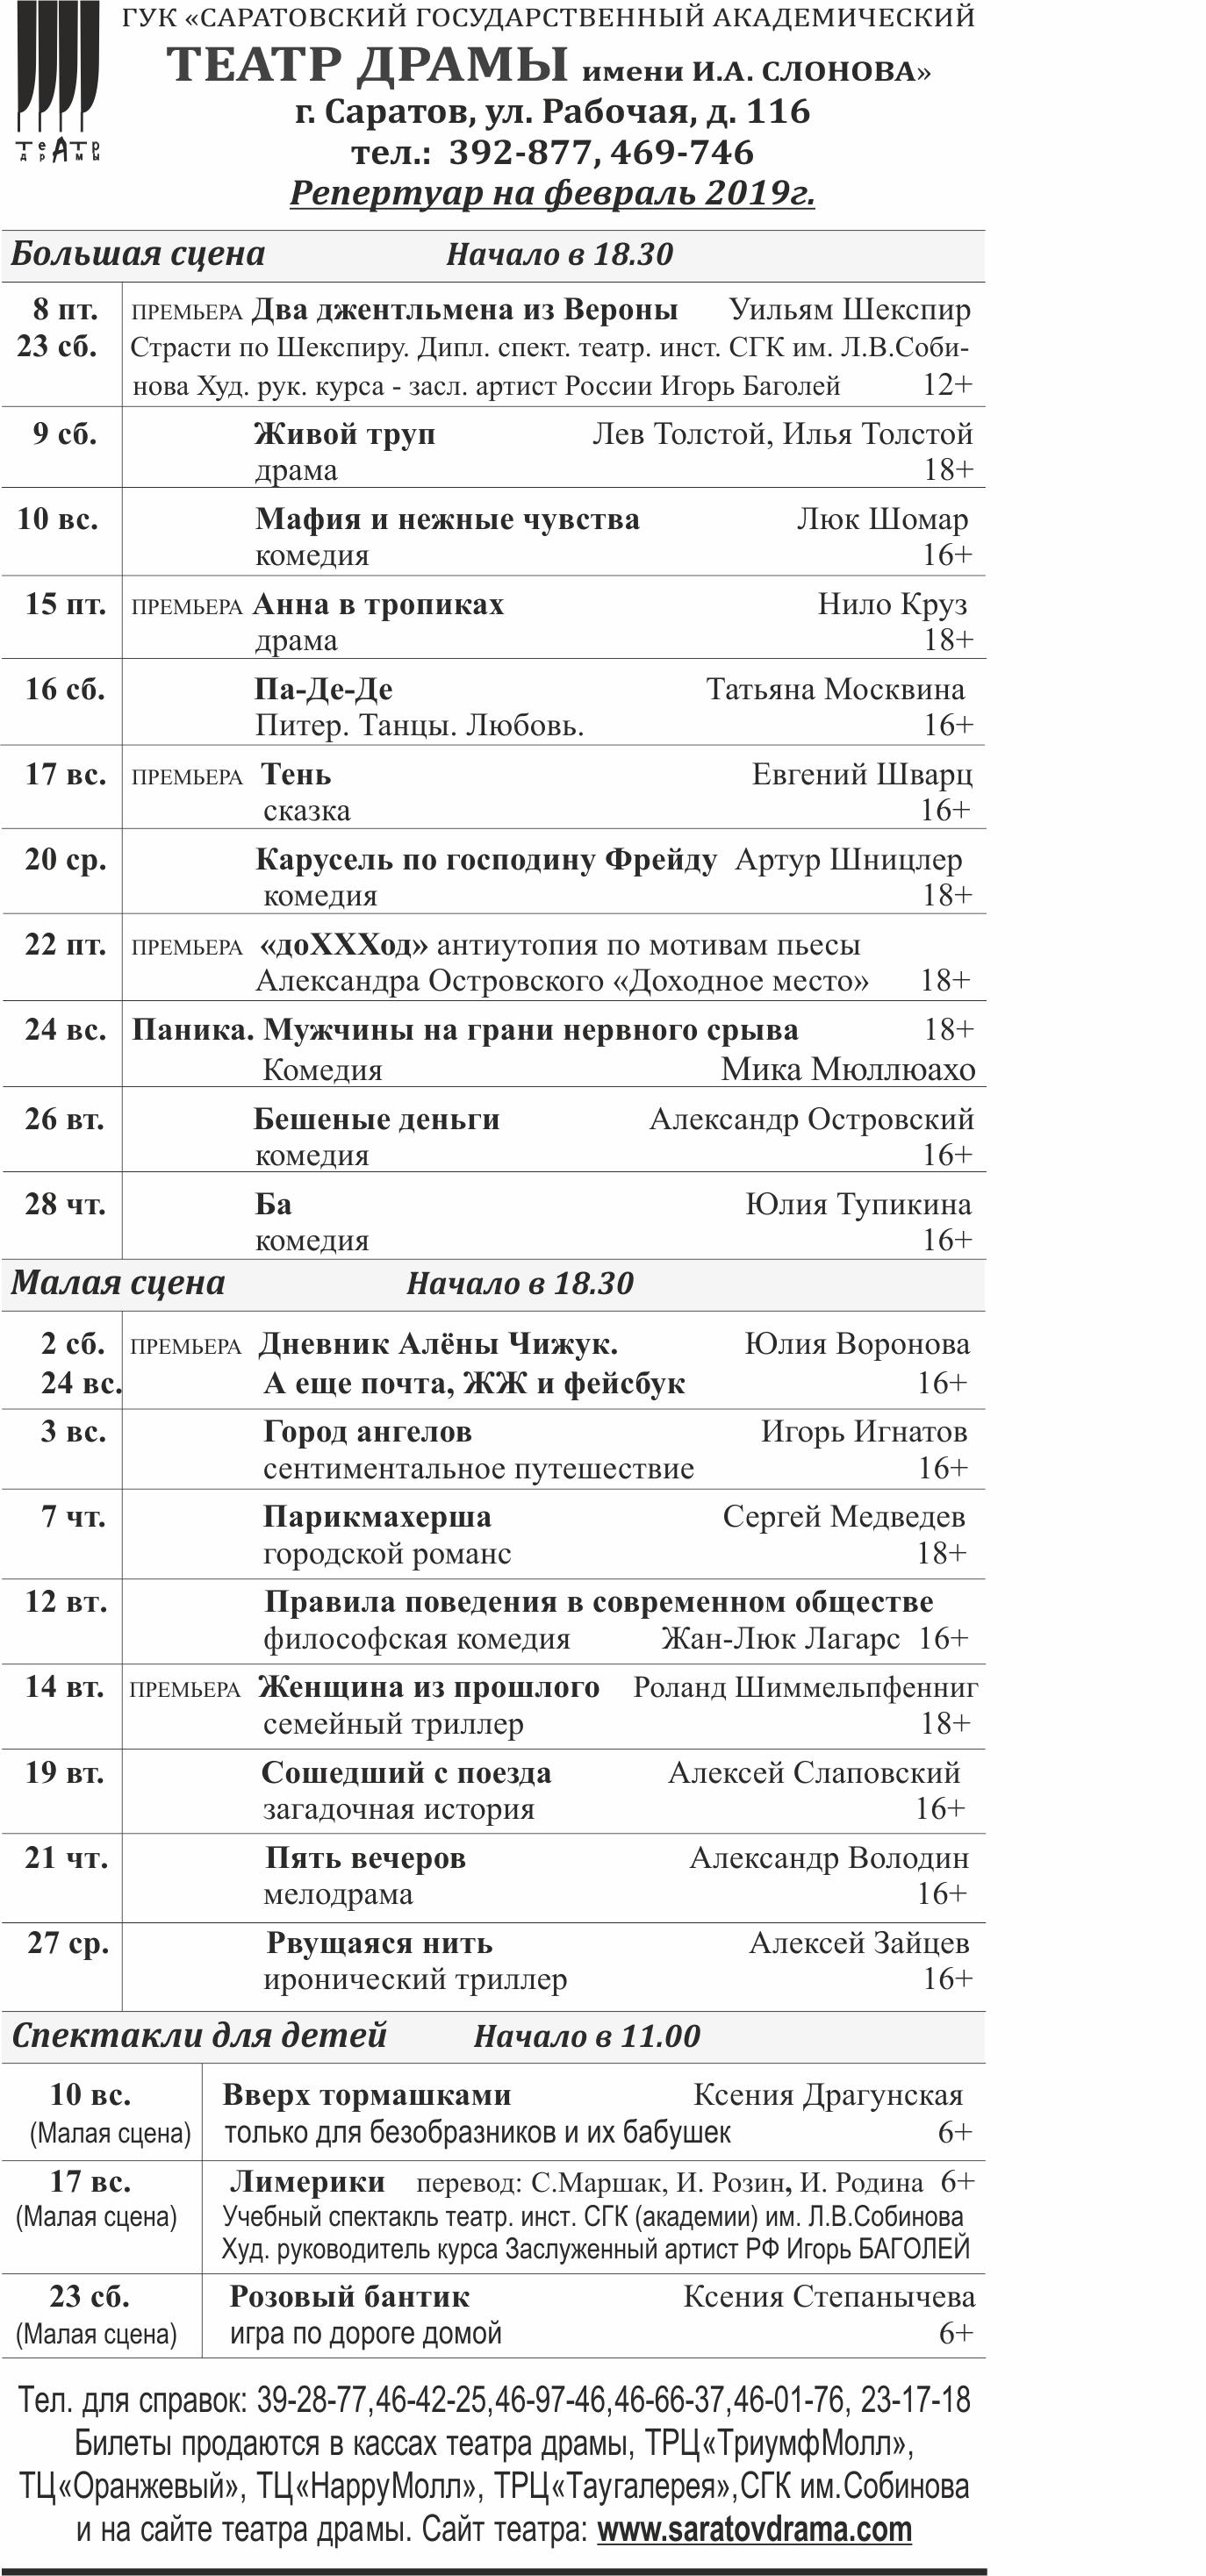 Дуэт имени чехова билеты концерт